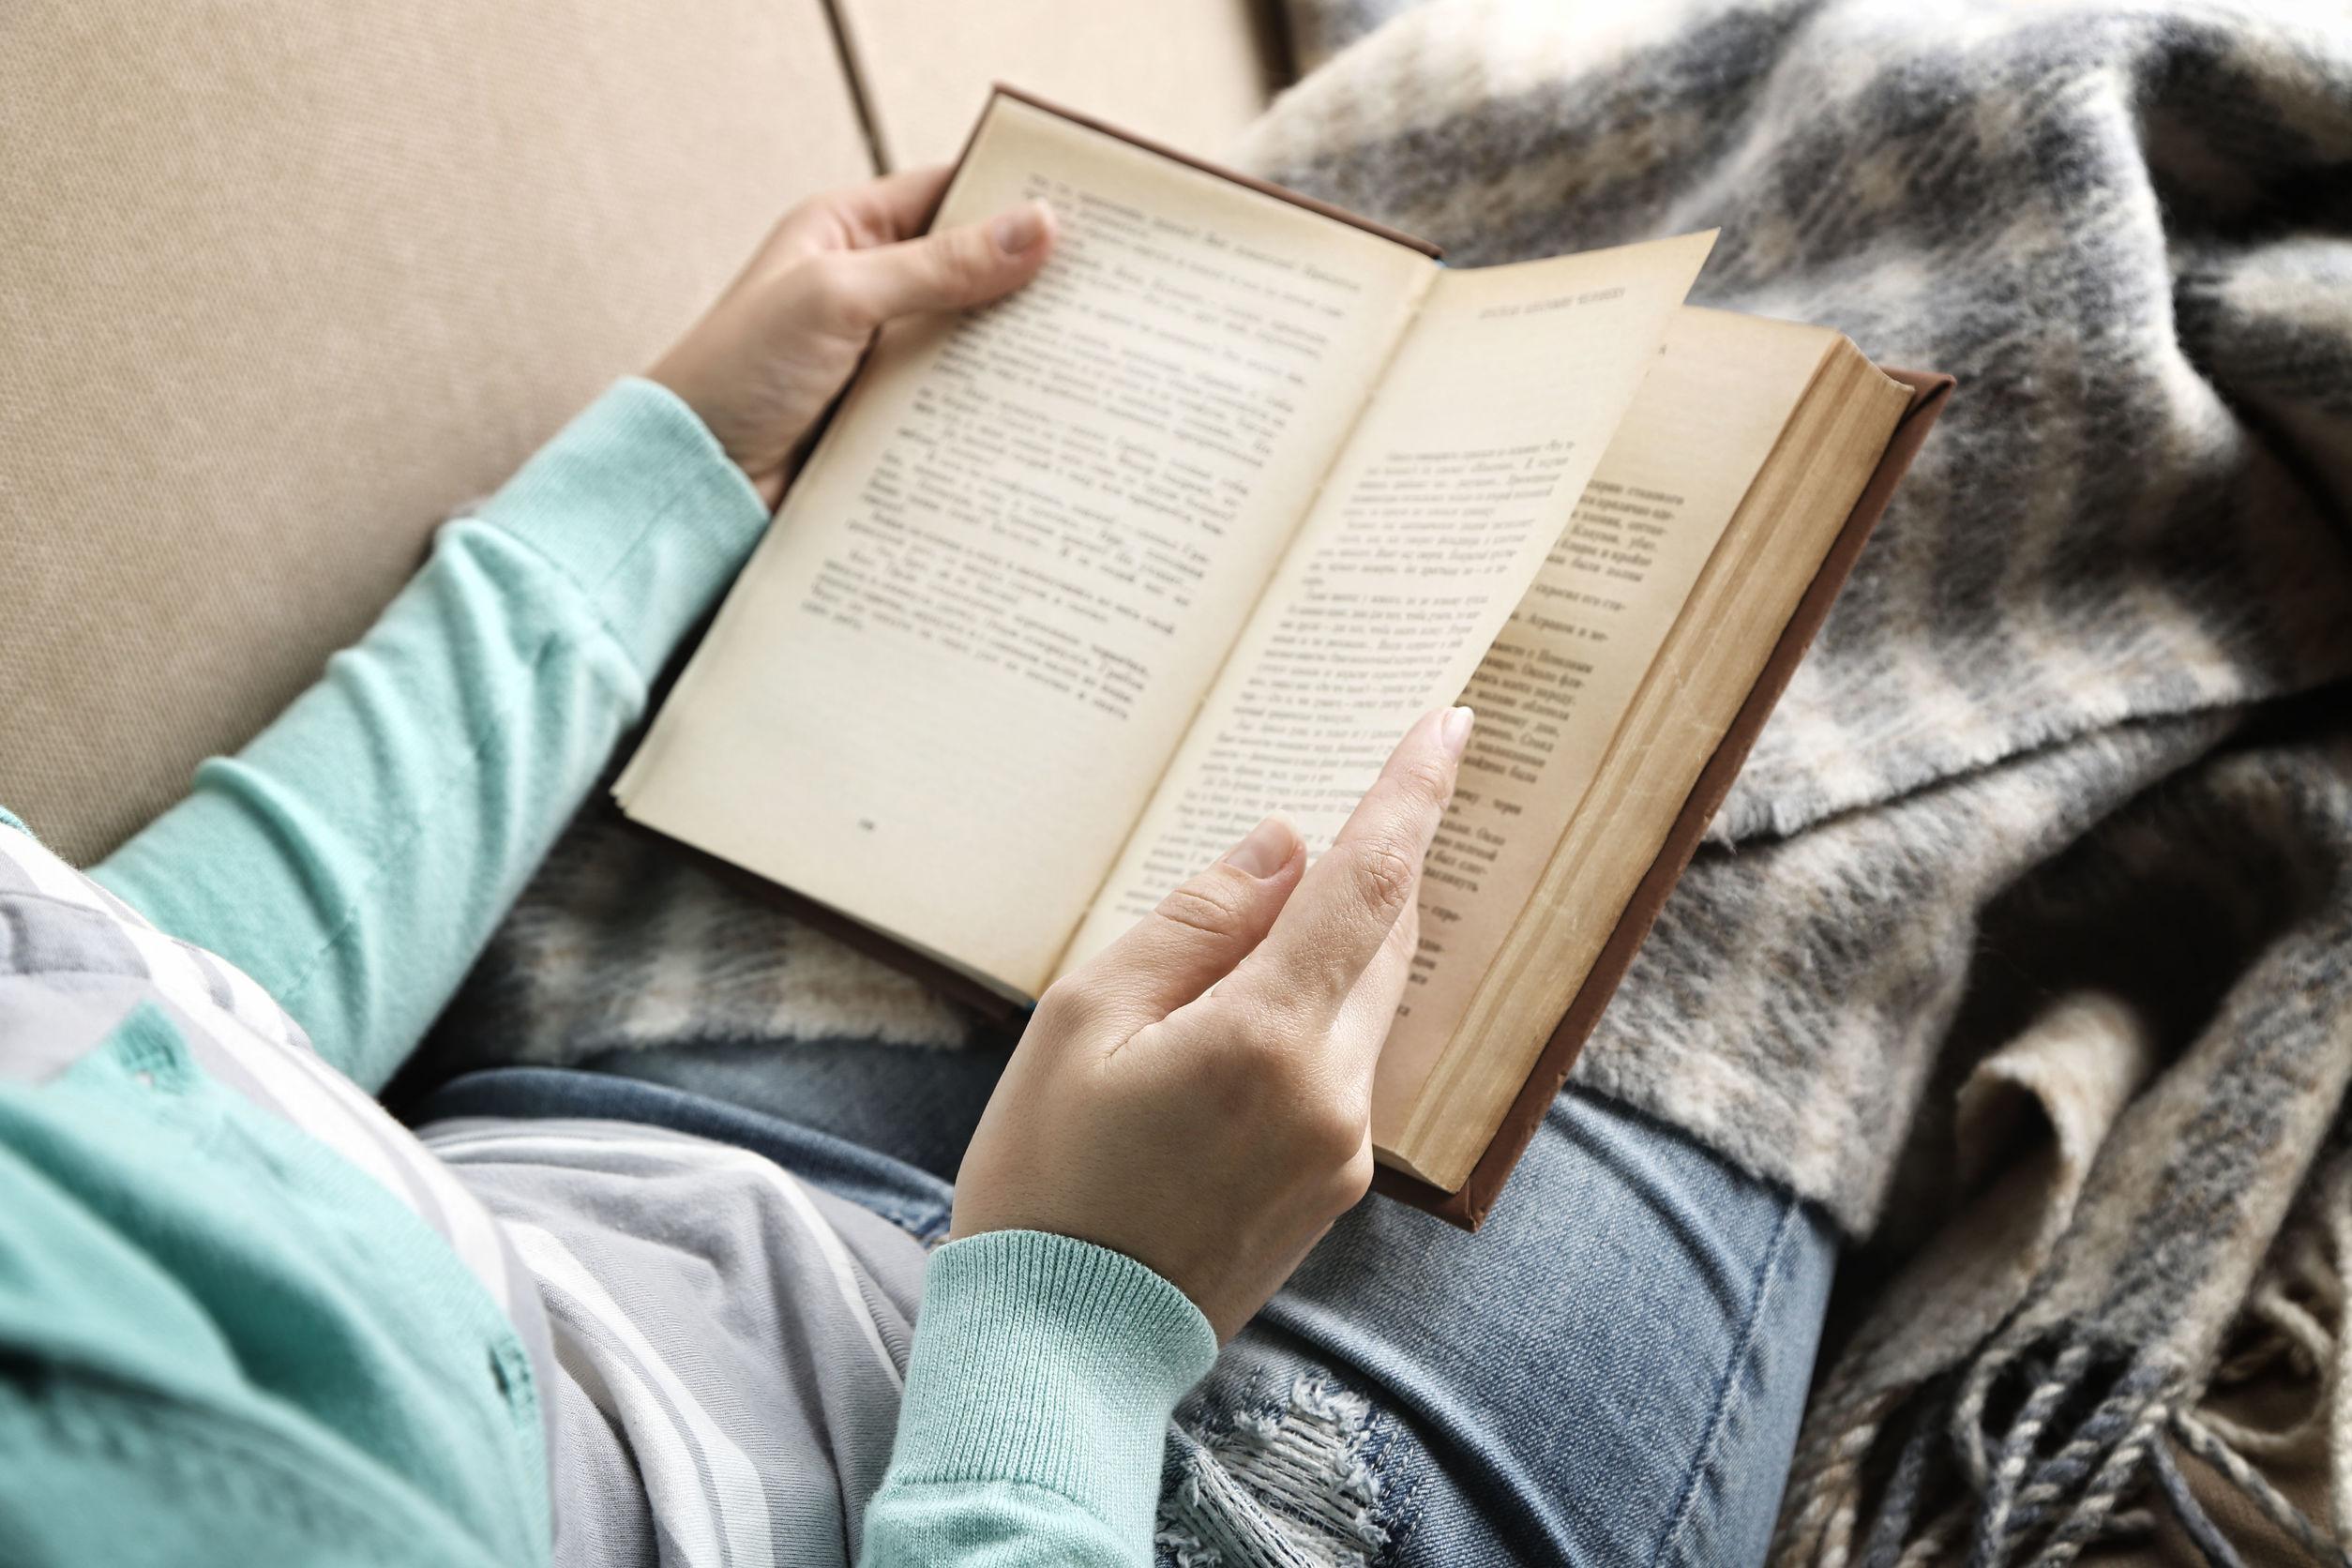 Literatura da recuperação: 10 livros sobre a Dependência Química